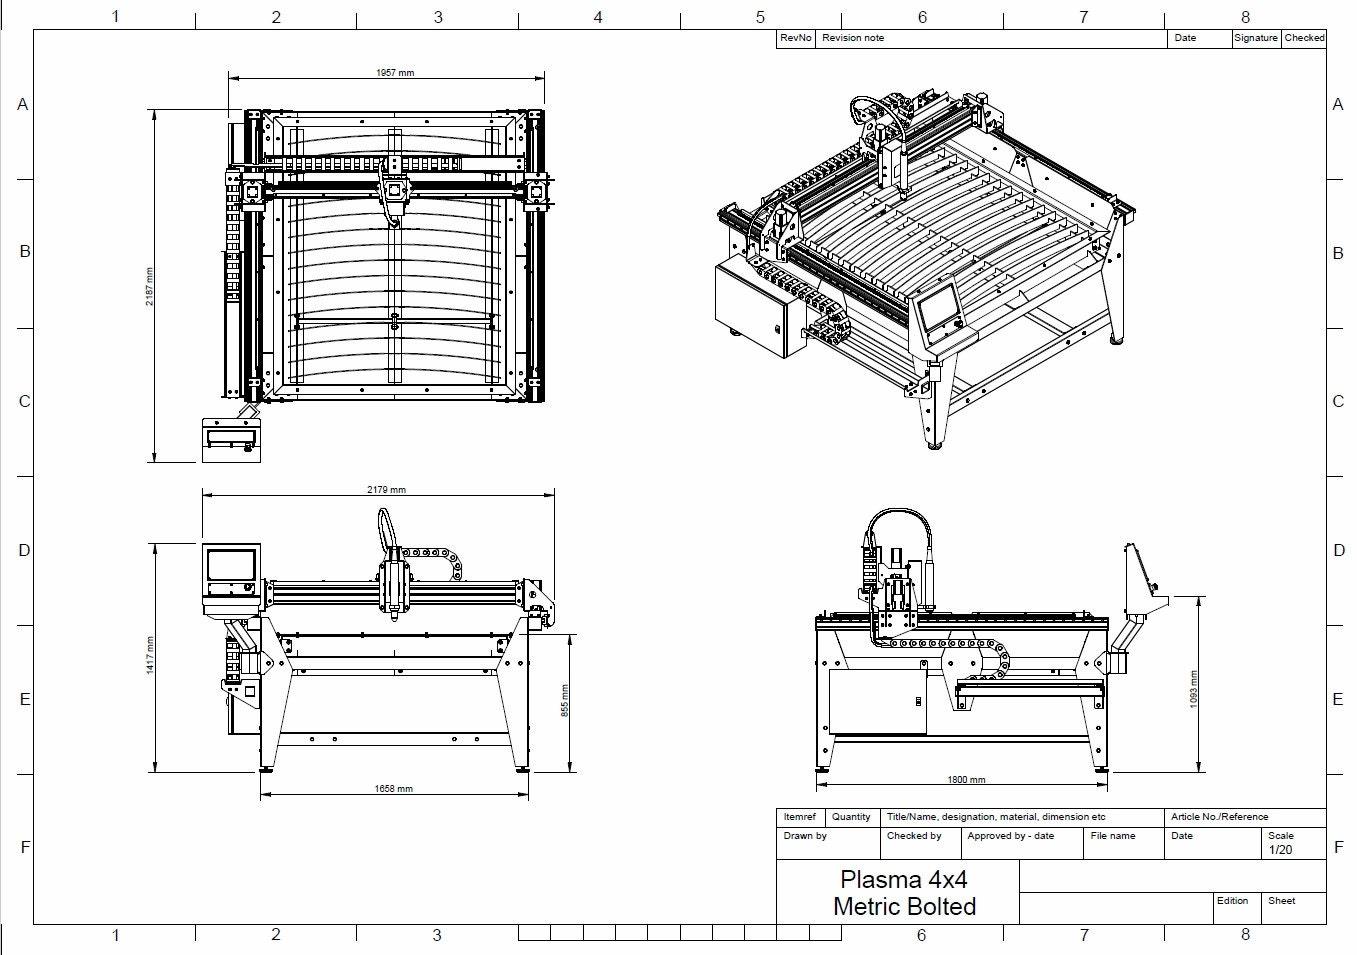 1250mm X 1250mm 4x4 Feet Cnc Plasma Table Diy Plans